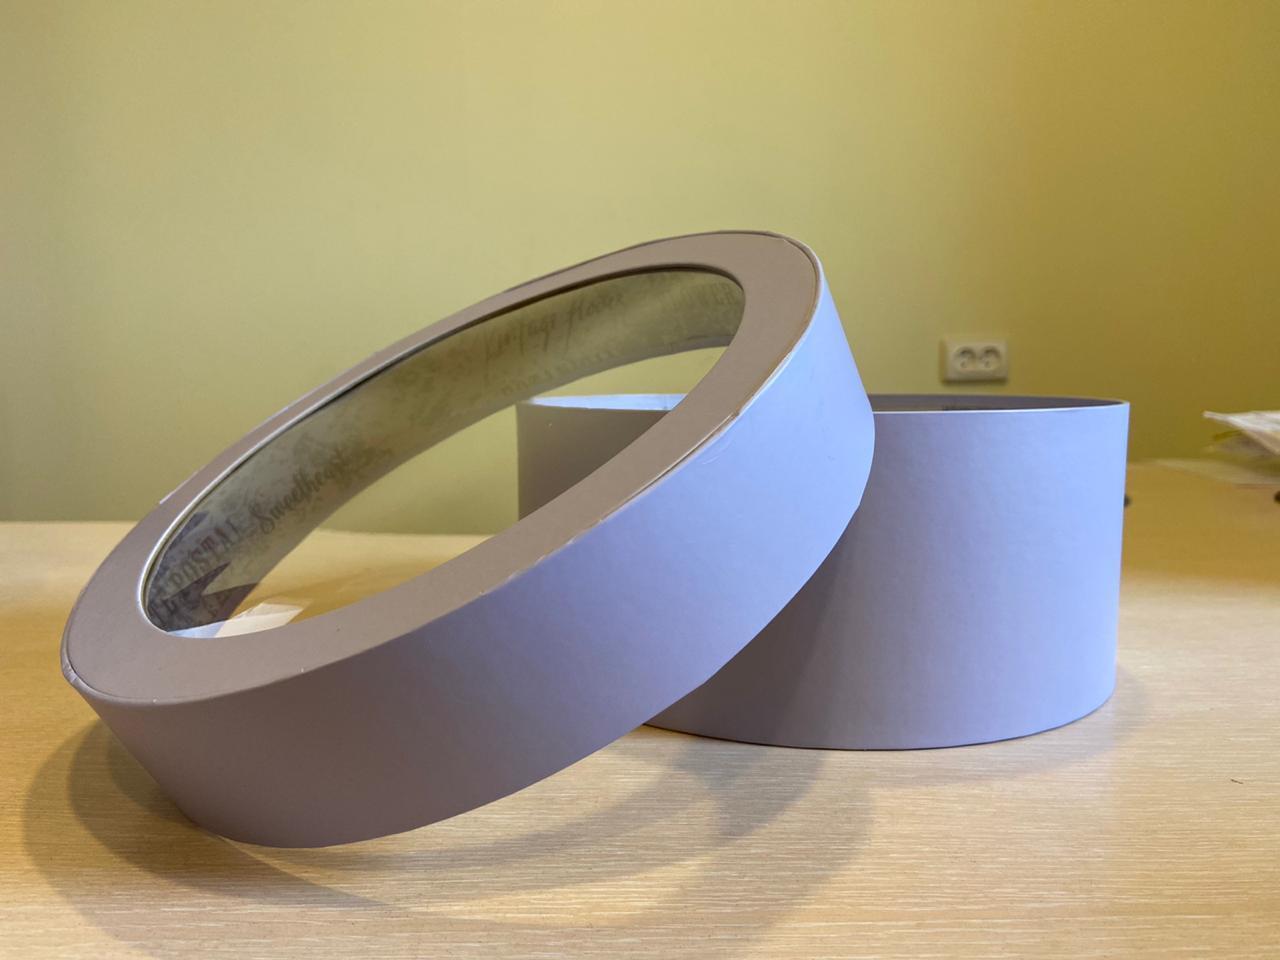 Короткая коробка с прозрачной крышкой 40см х 15 см Цвет; Светло серый   . Розница 600 рублей